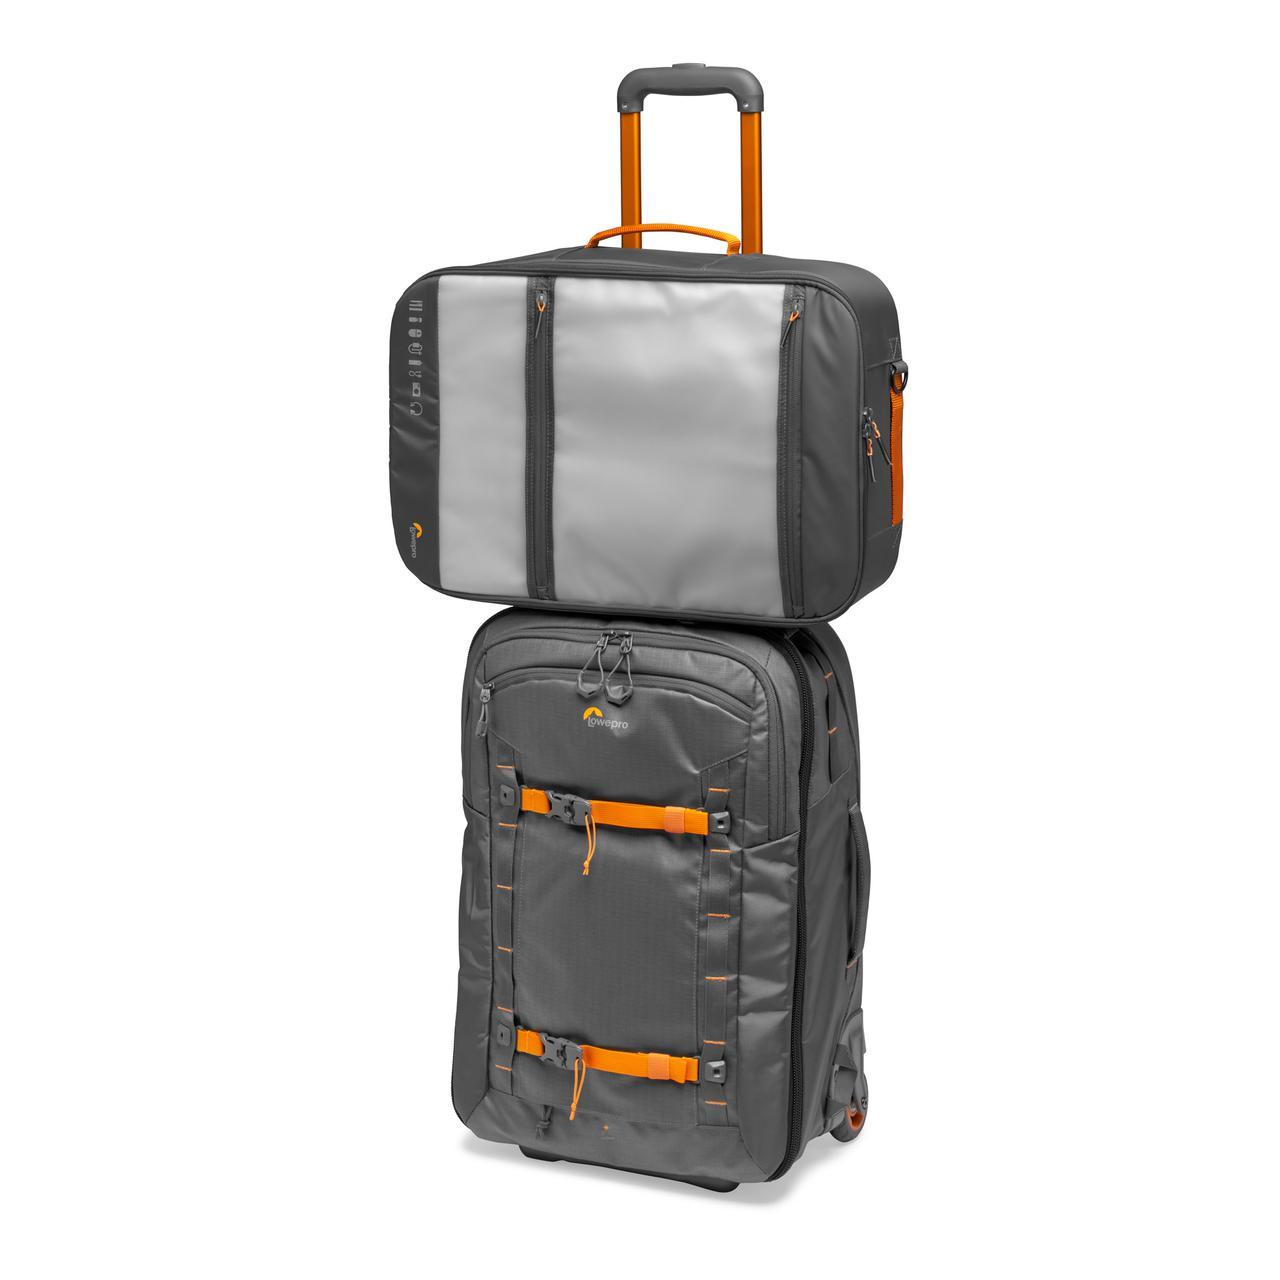 画像9: プロフォトグラファー向けバッグ。機内持ち込み可能サイズで便利!